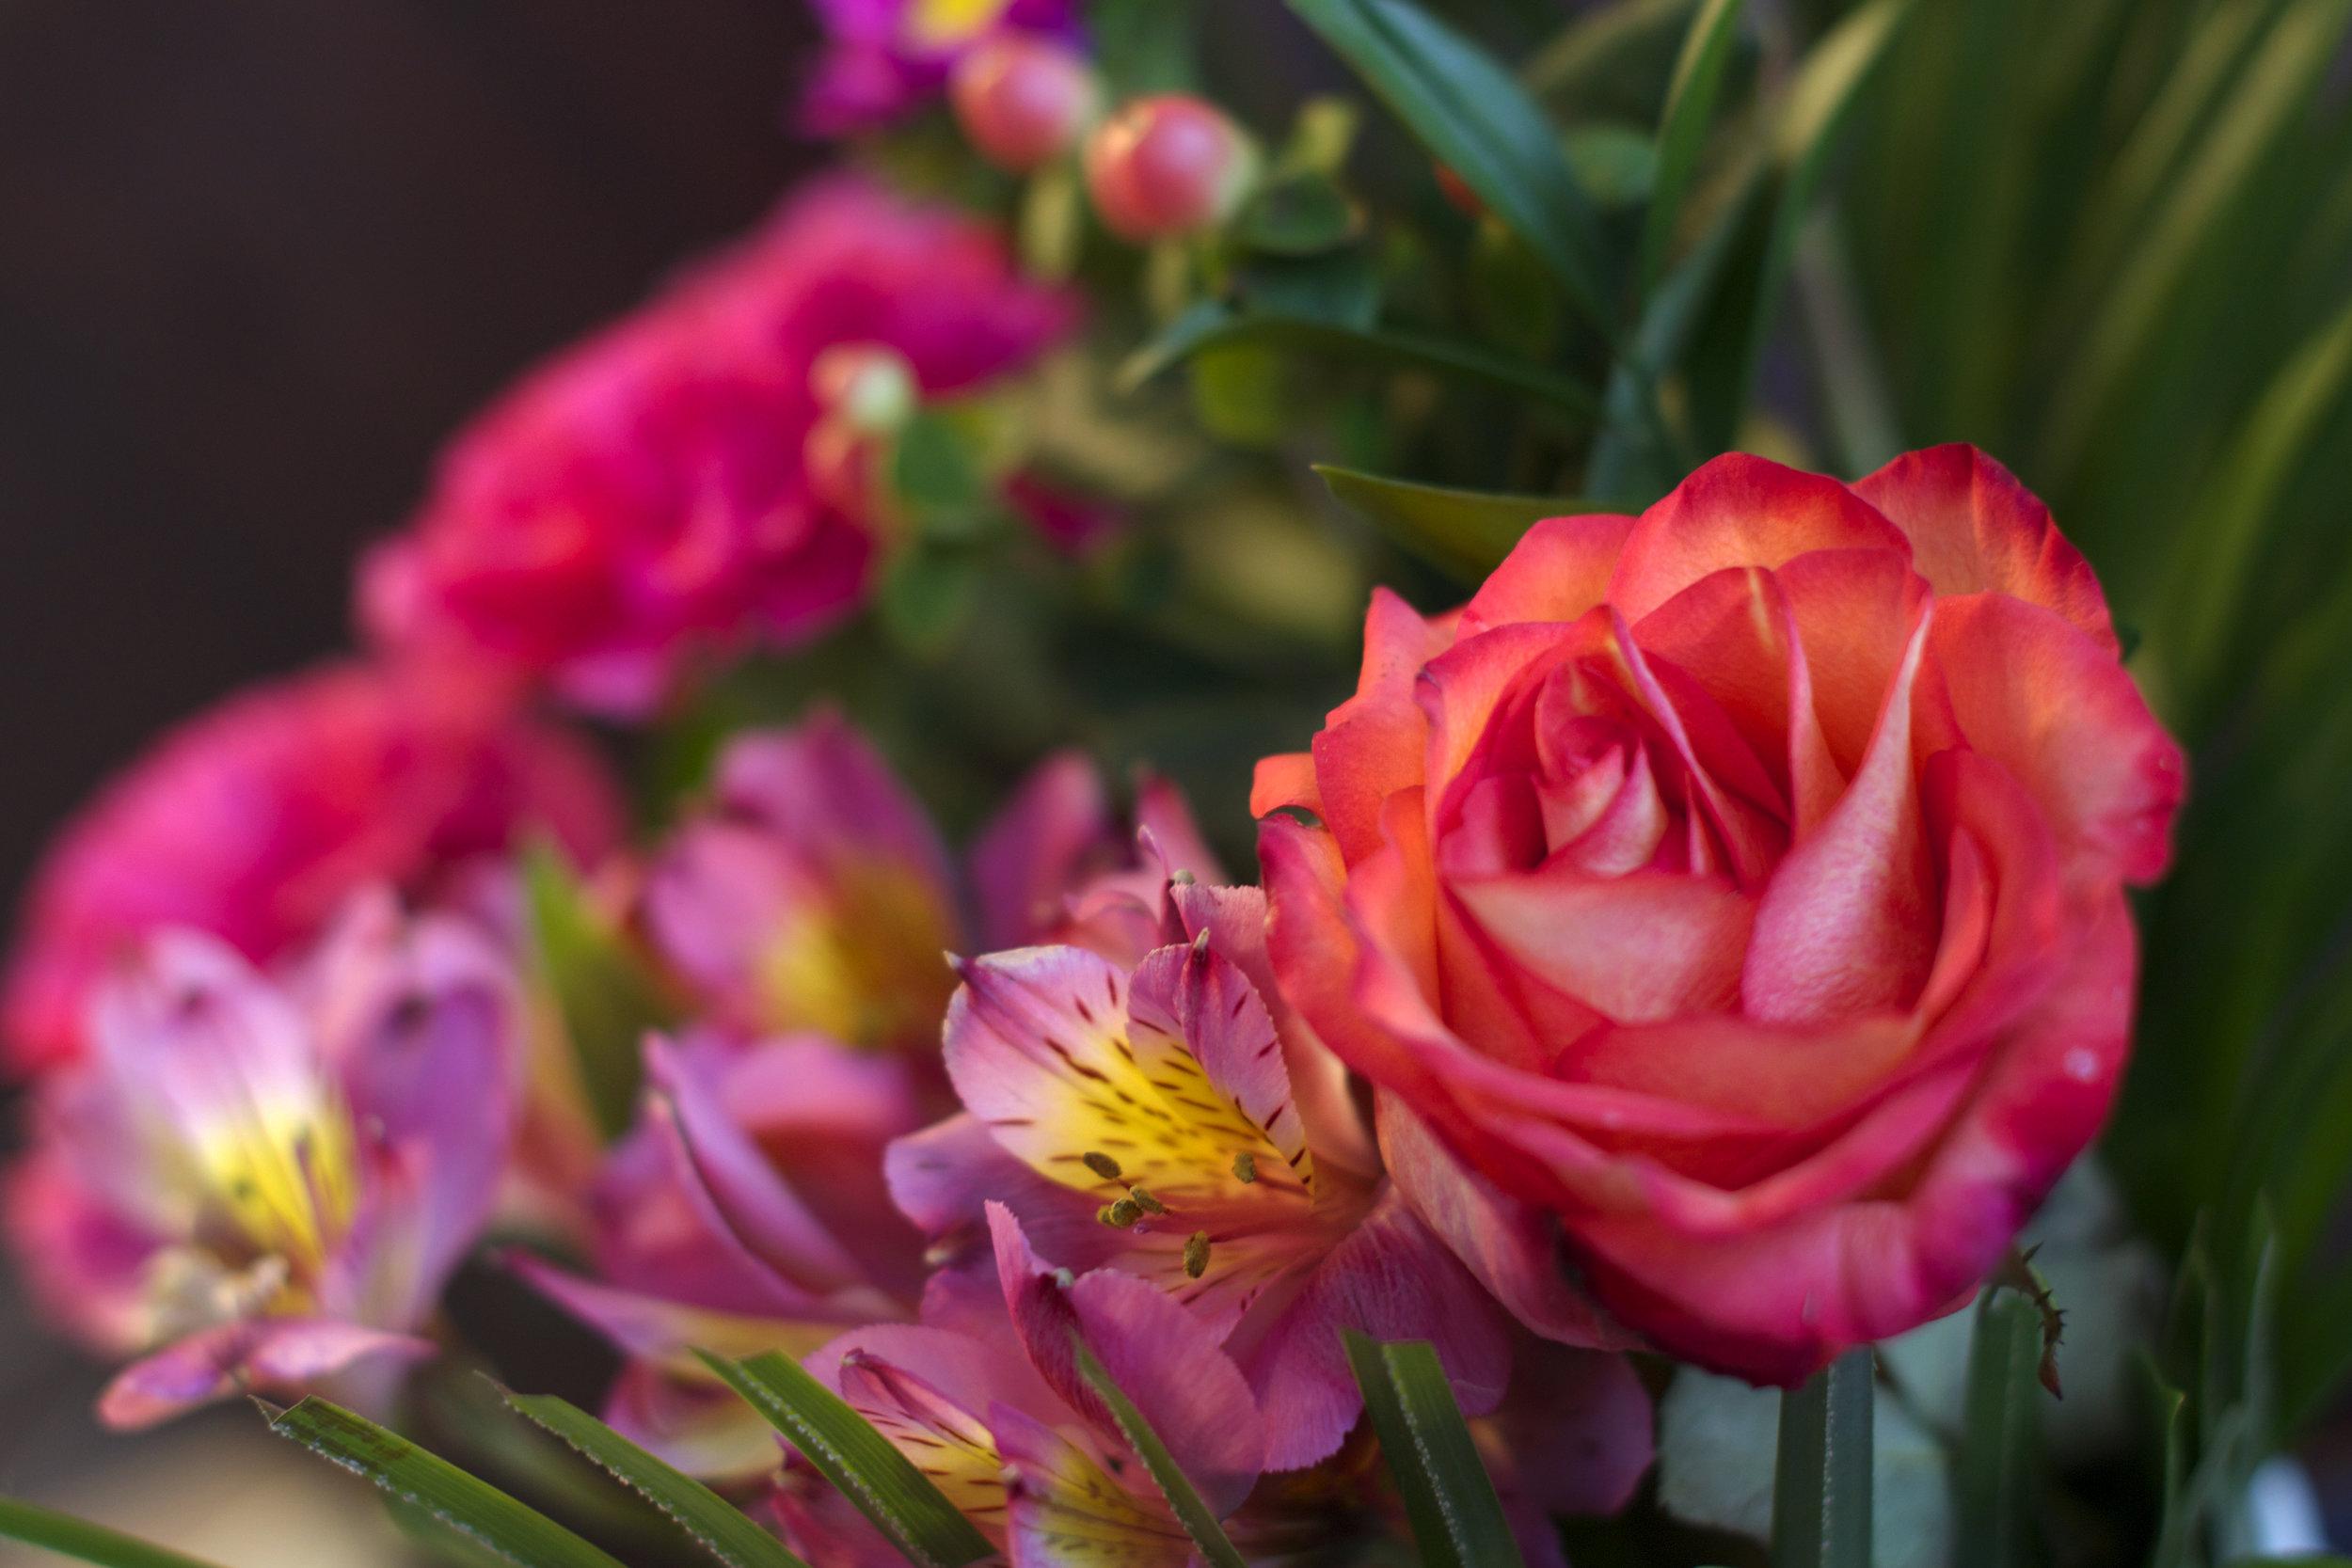 pretty-rose-in-bouquet.jpg